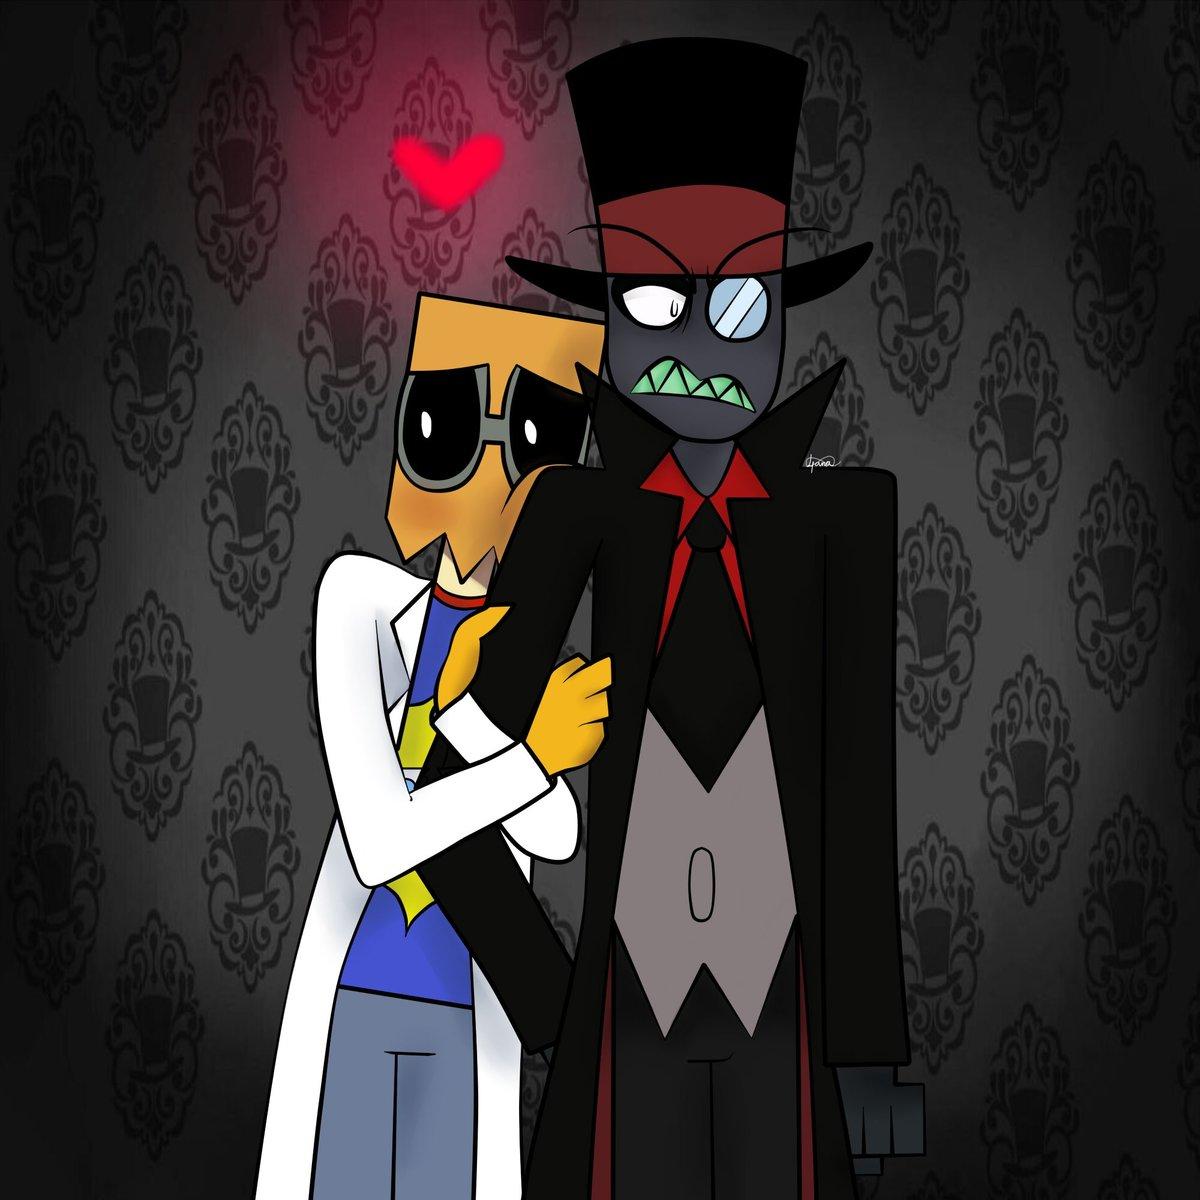 Dr Flug Black Hat Villainous Villanos Paperhat Black Hat X Flug Bhxf